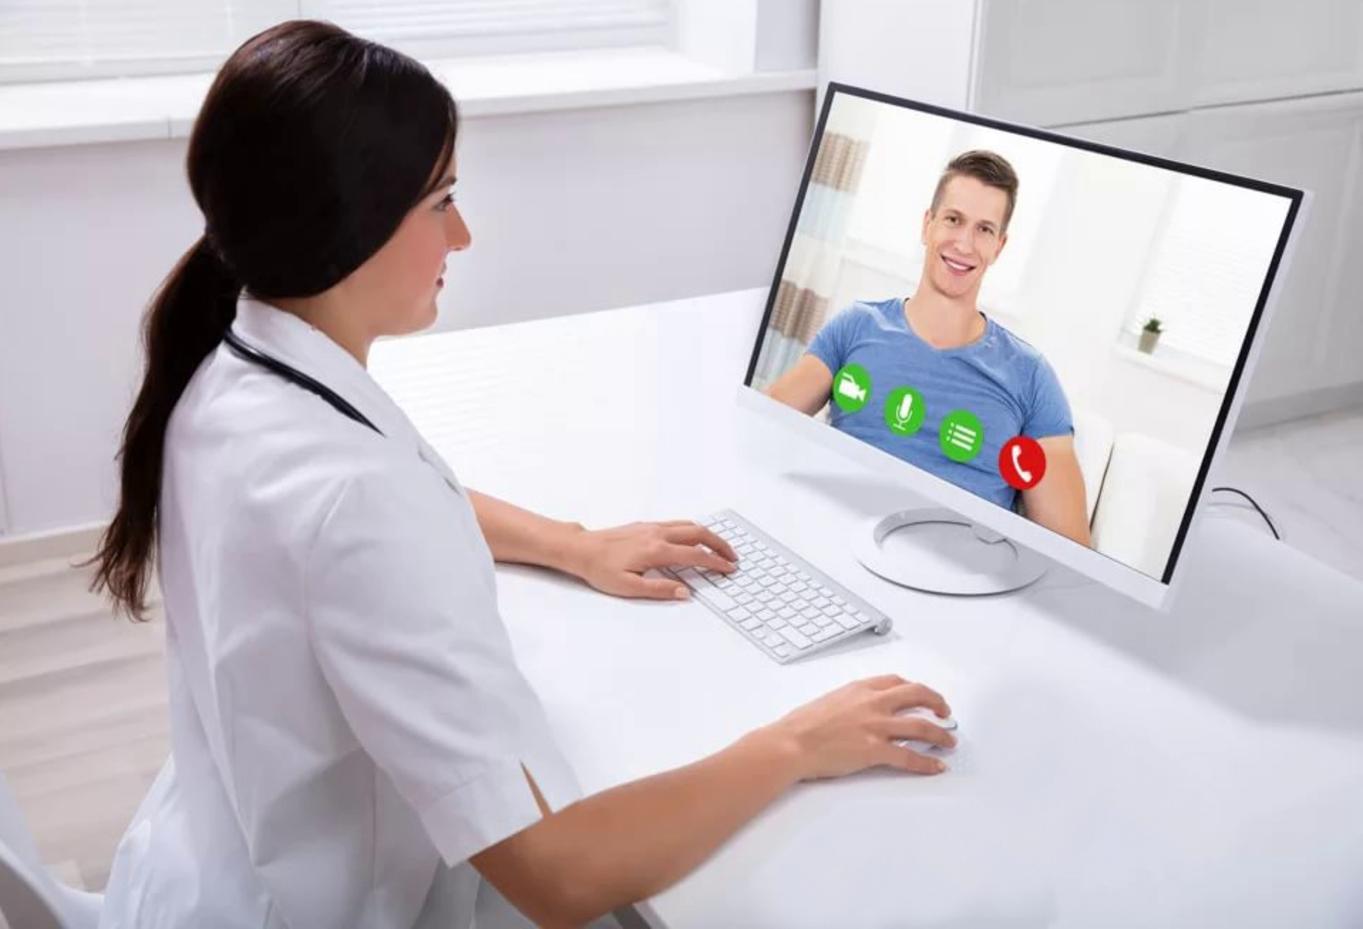 Телемедицина: удобные технологии на страже здоровья